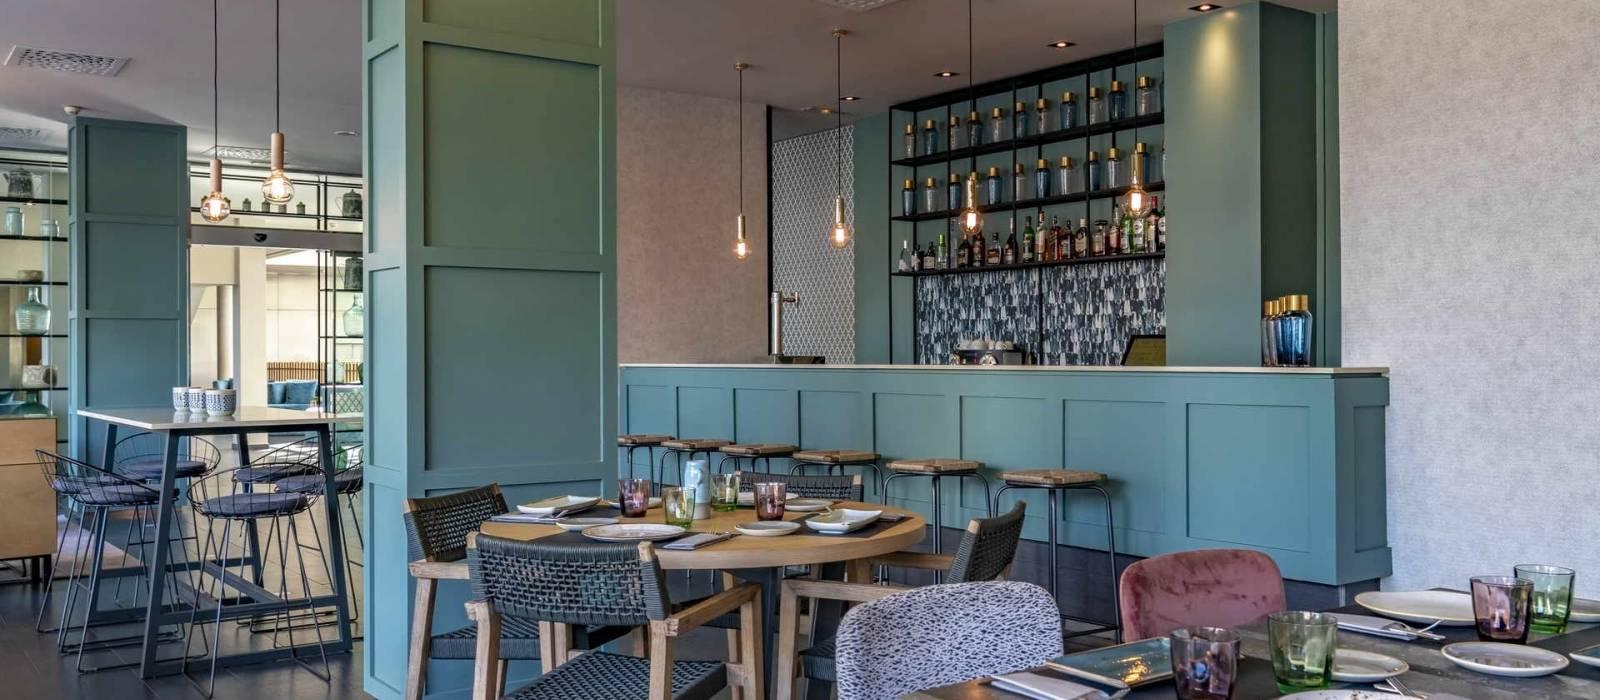 Servicio Restaurante Jardí de Mar 1 - Vincci Marítimo